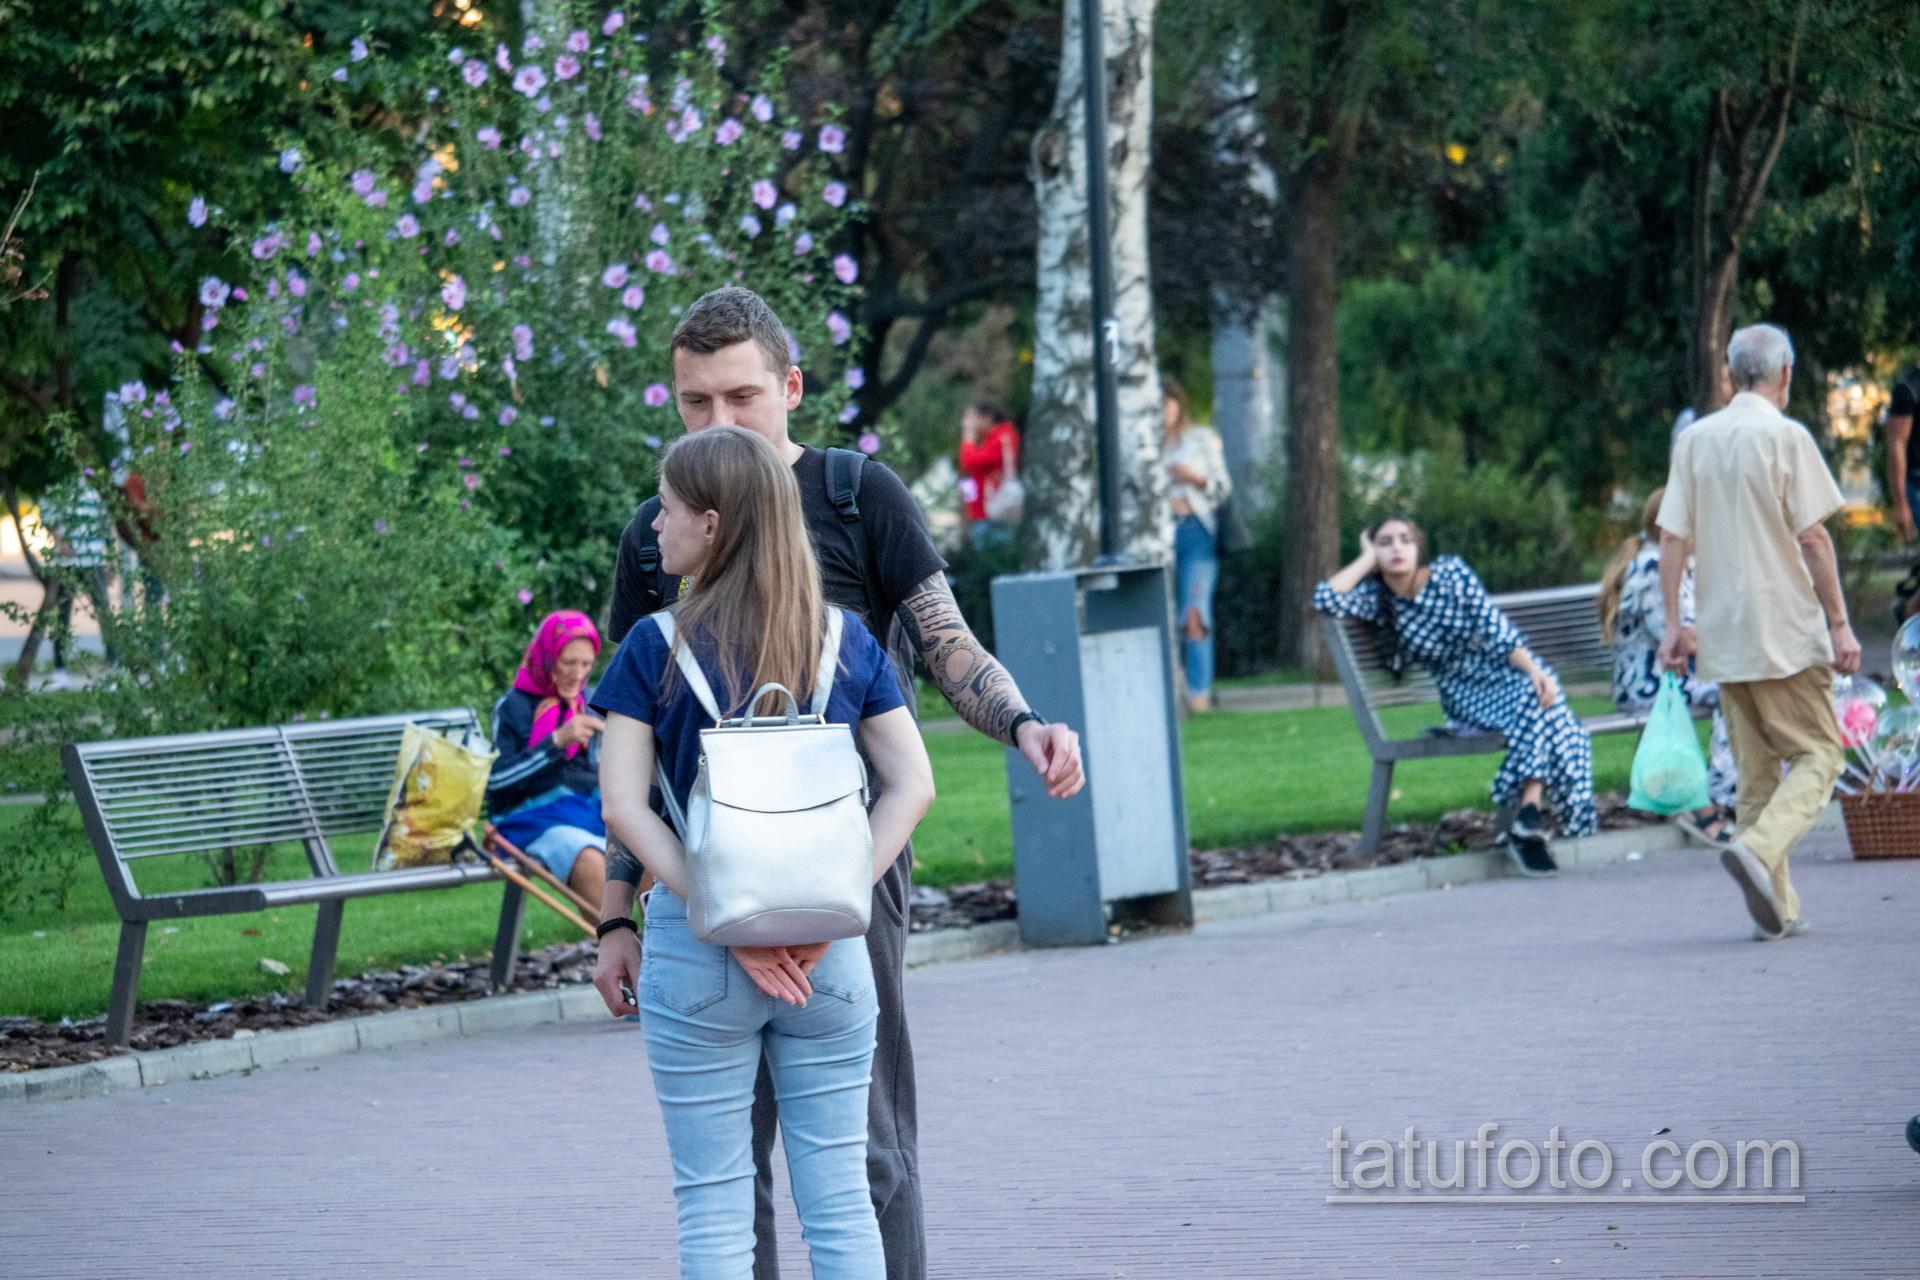 Тату с планетой и маори узоры на руках парня - Уличная татуировка 14.09.2020 – tatufoto.com 5